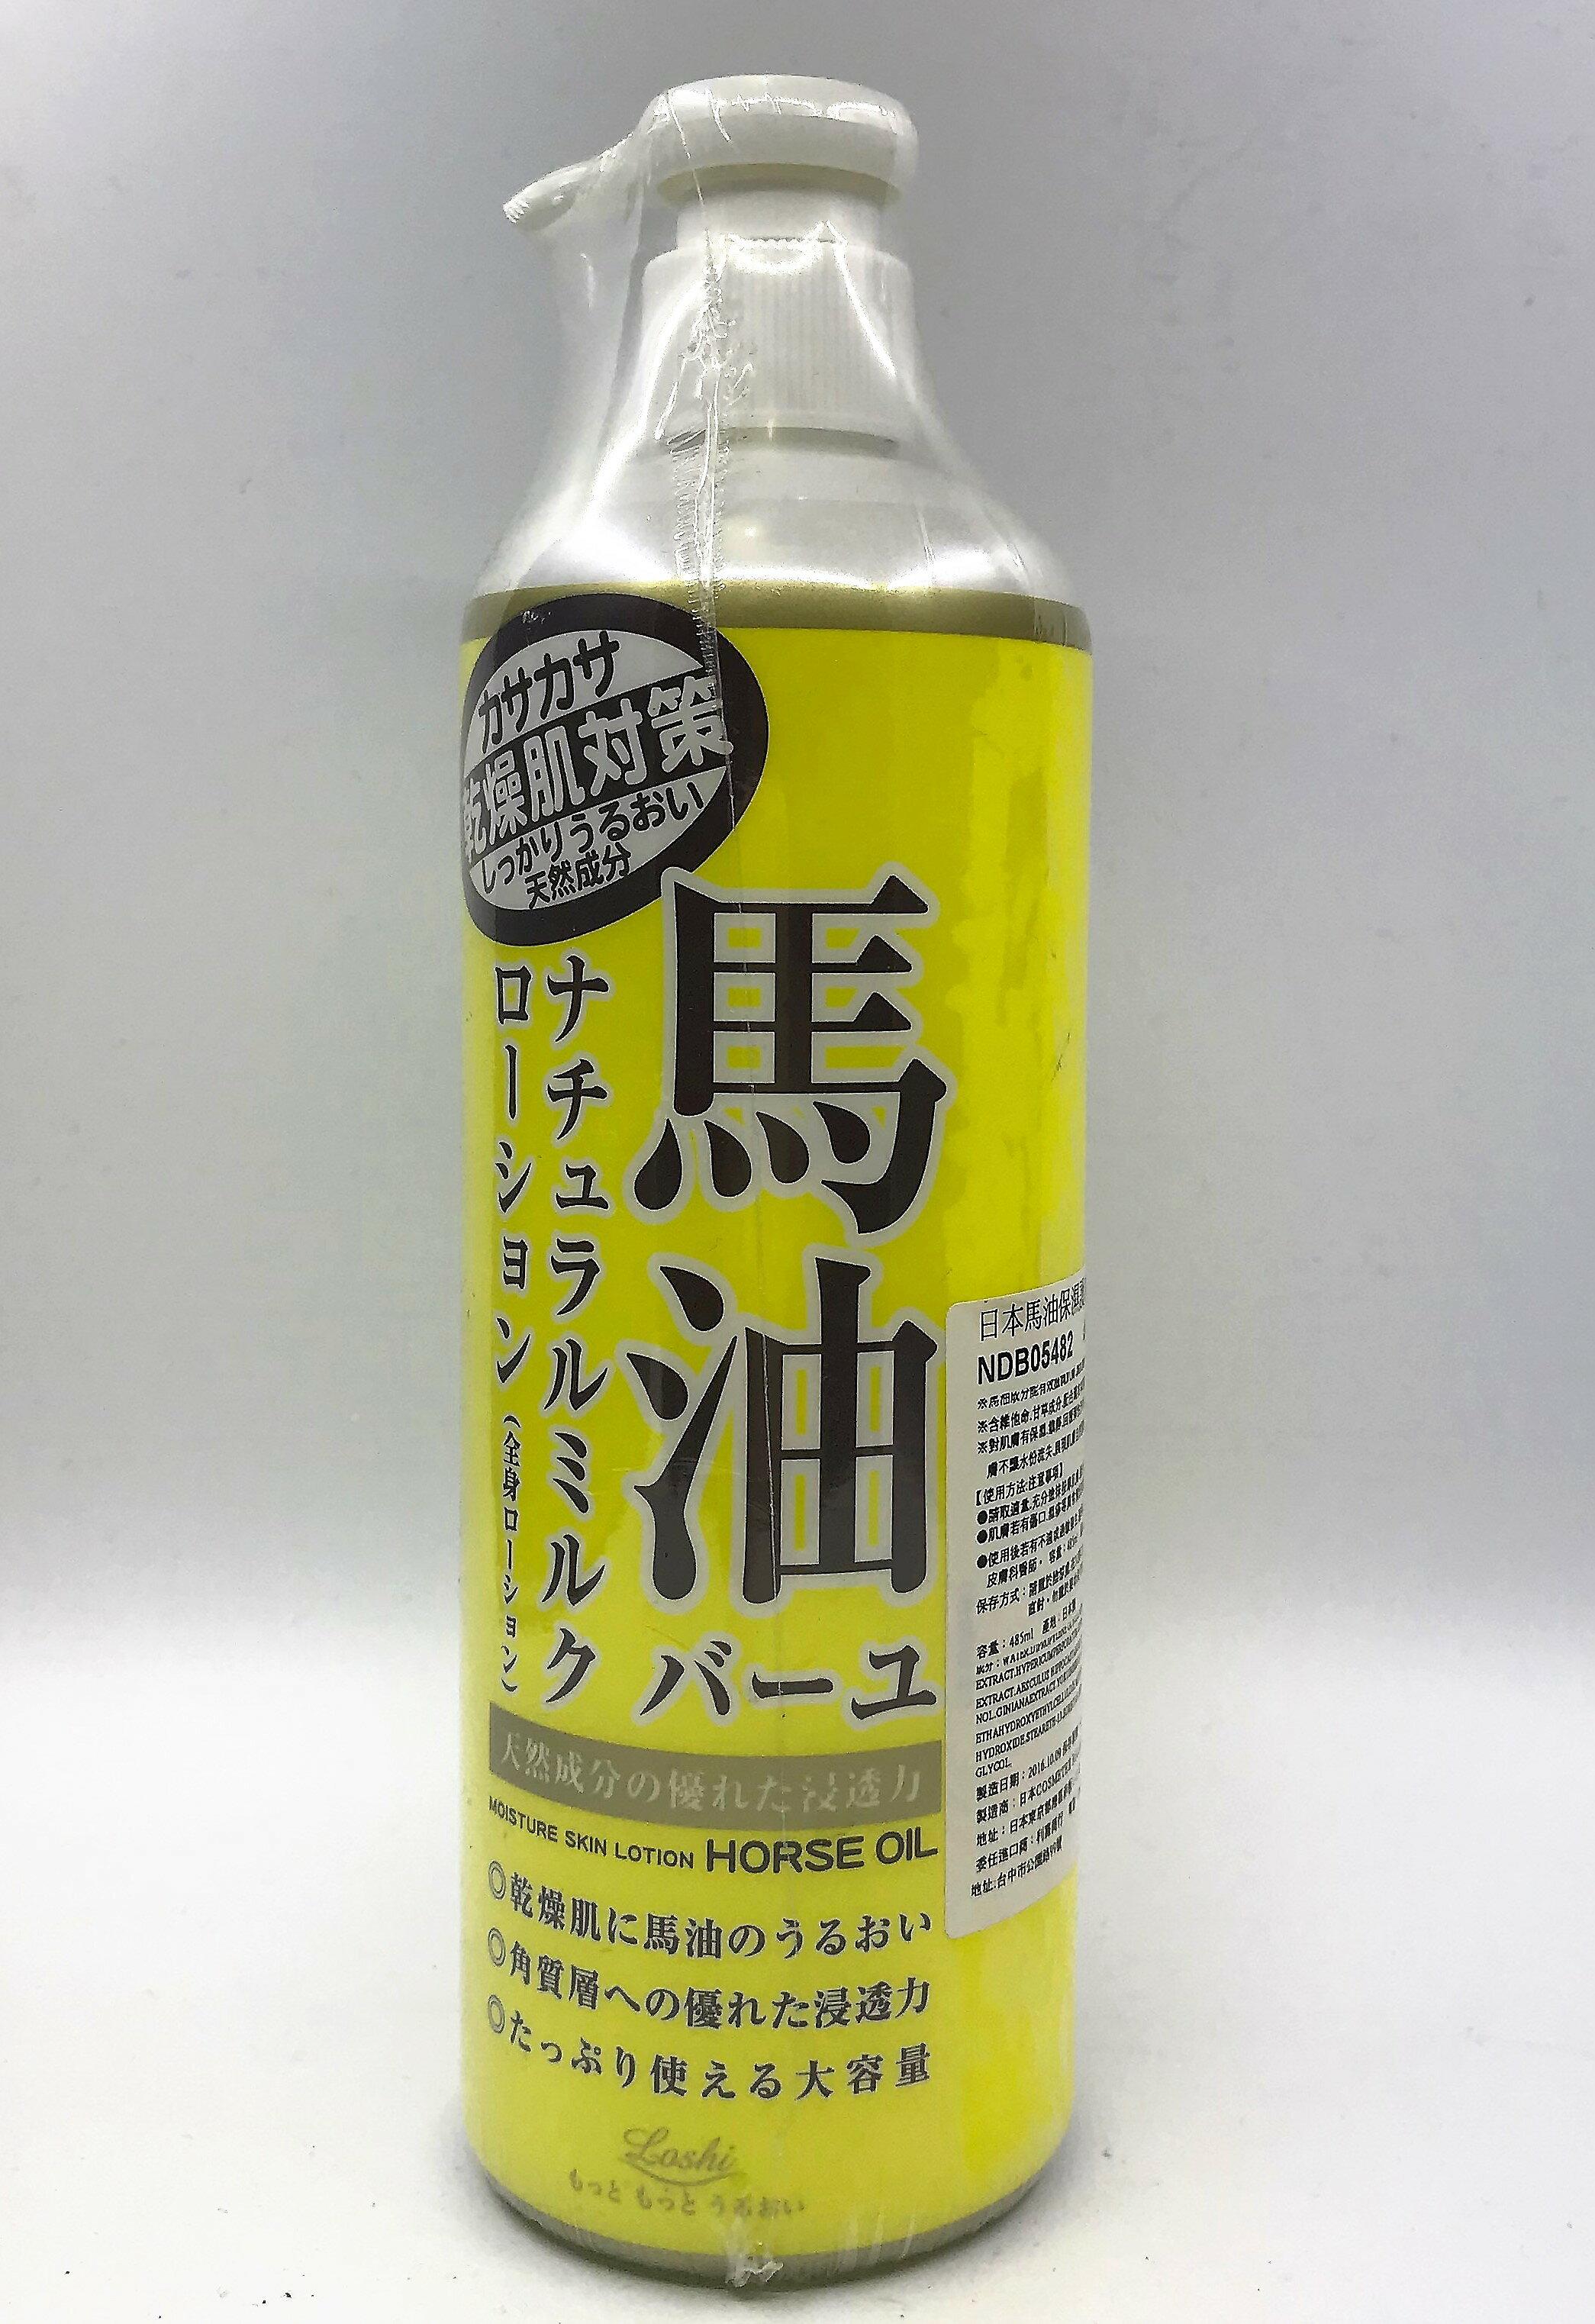 [哈日小丸子]日本馬油保濕護膚乳液(485ml)